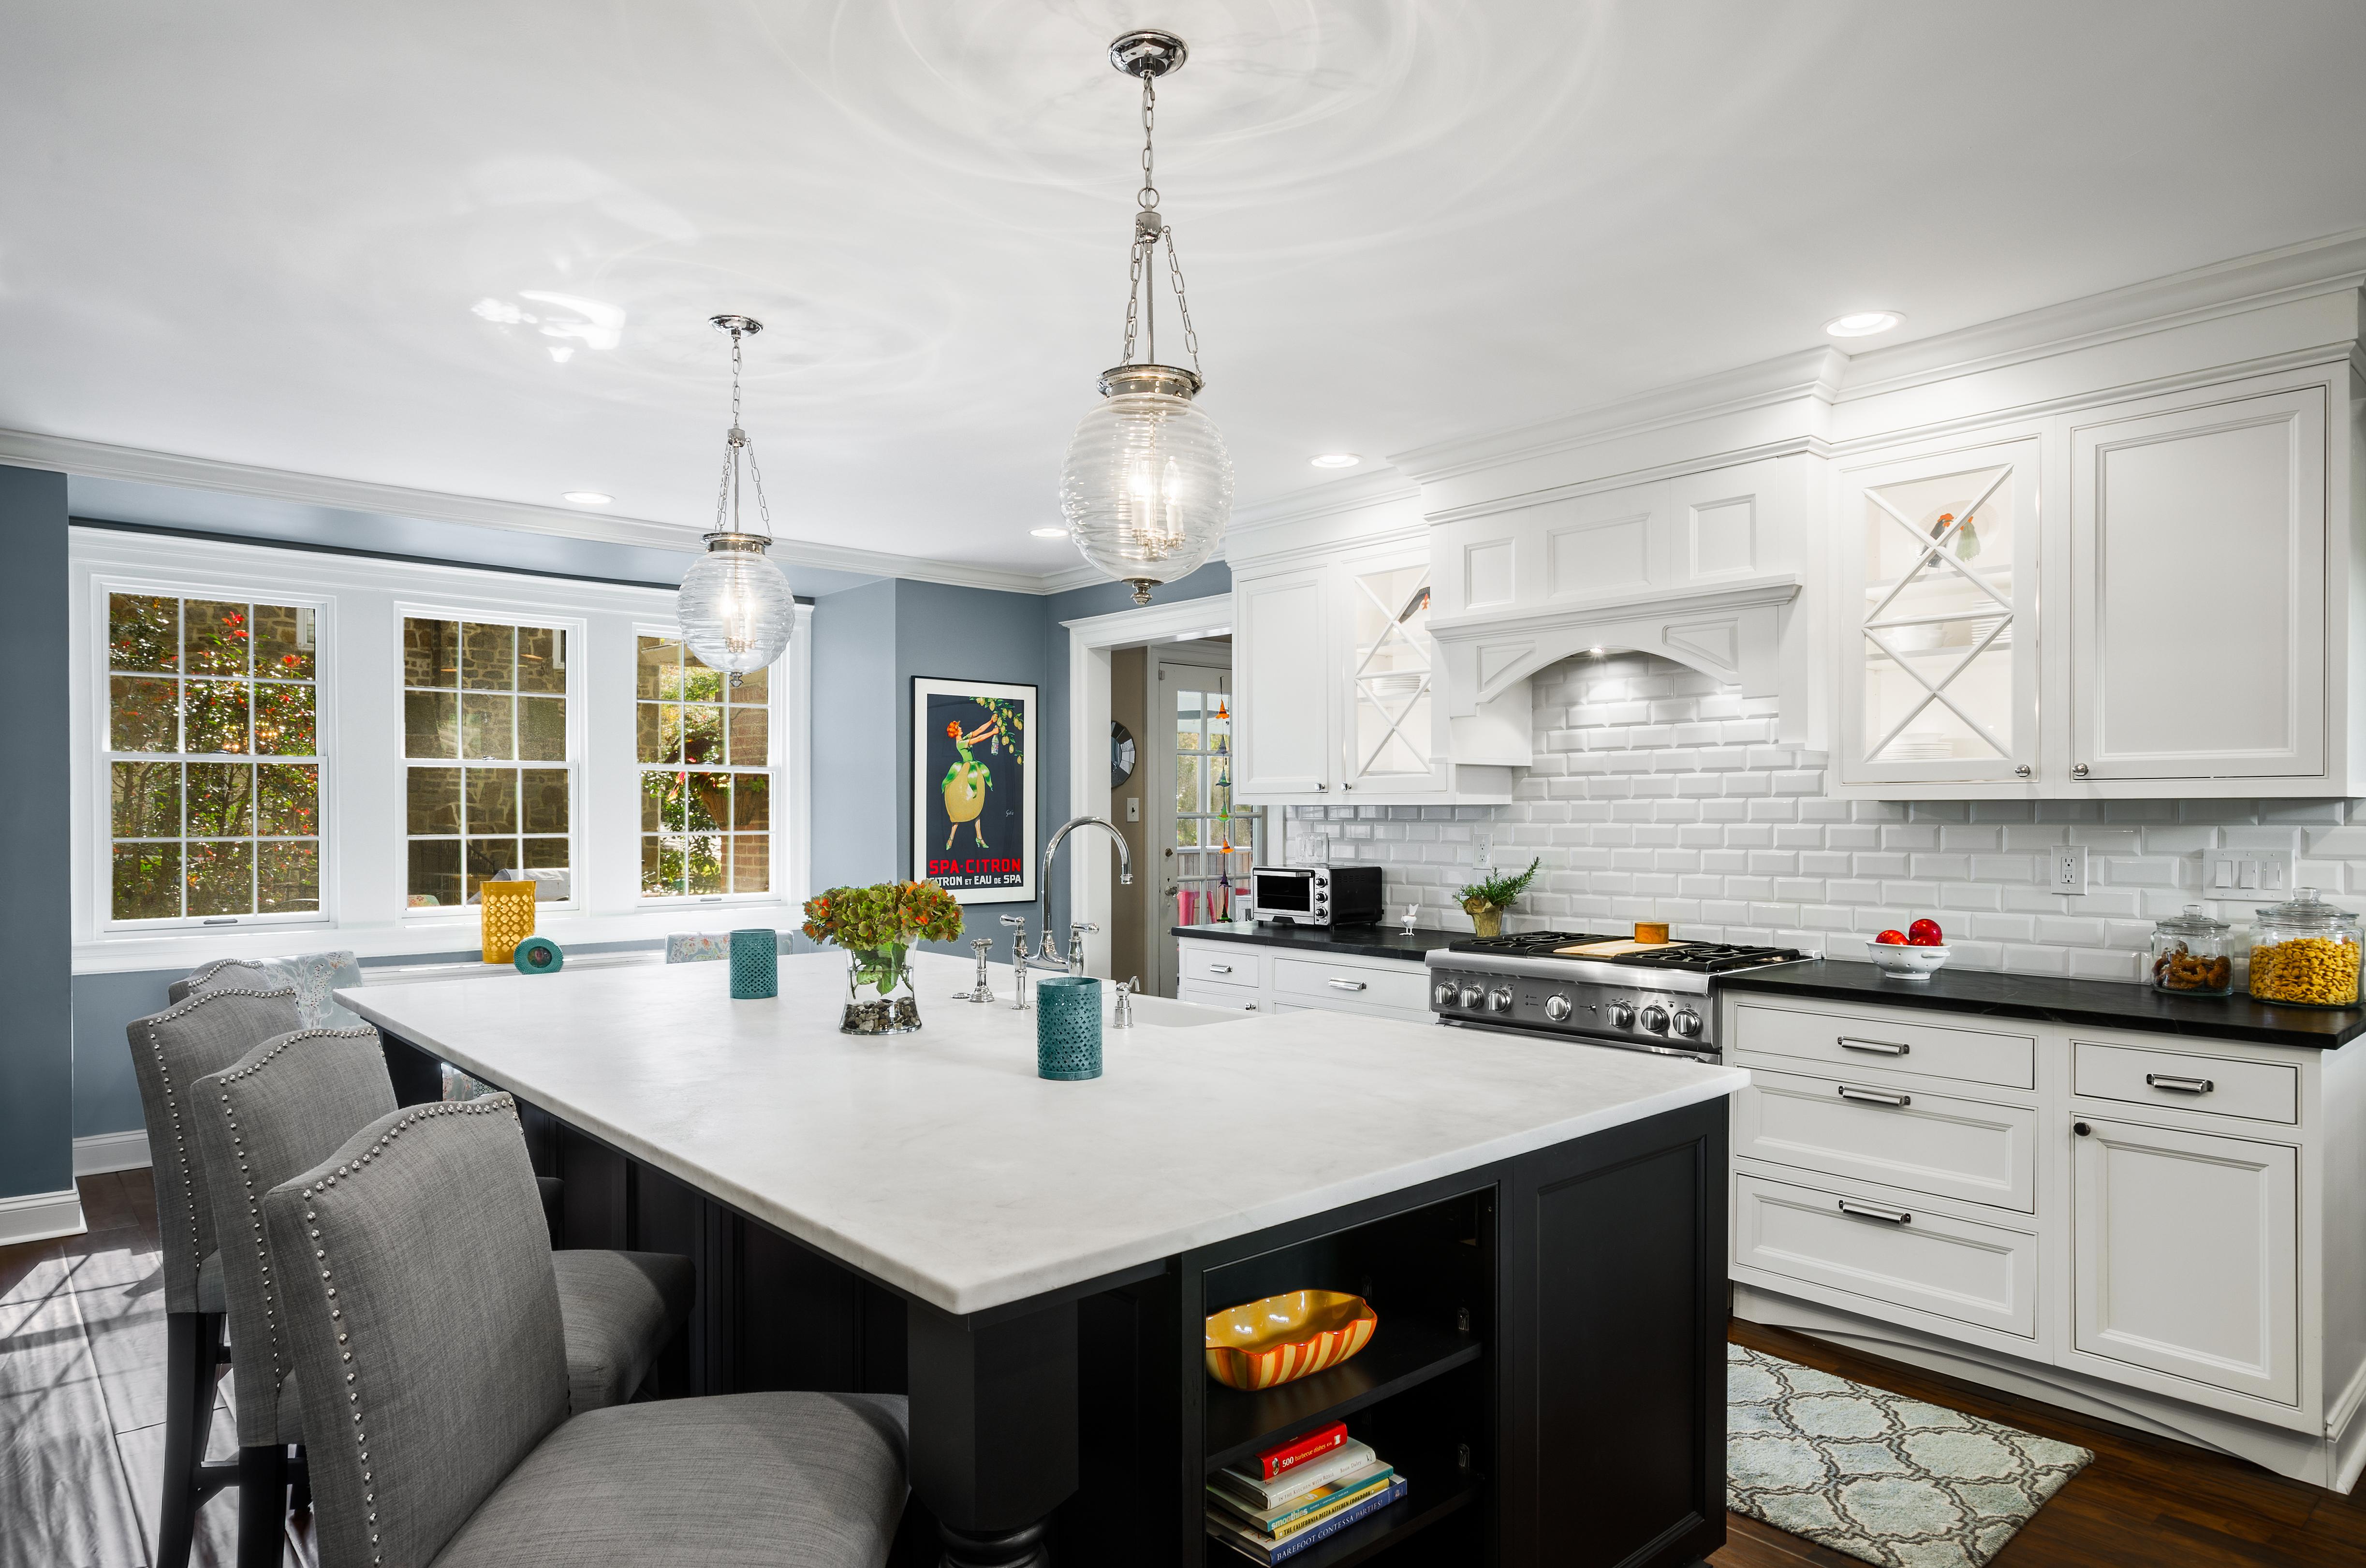 2015 Delcy Award winning kitchen - MAIN LINE KITCHEN DESIGN - House ...